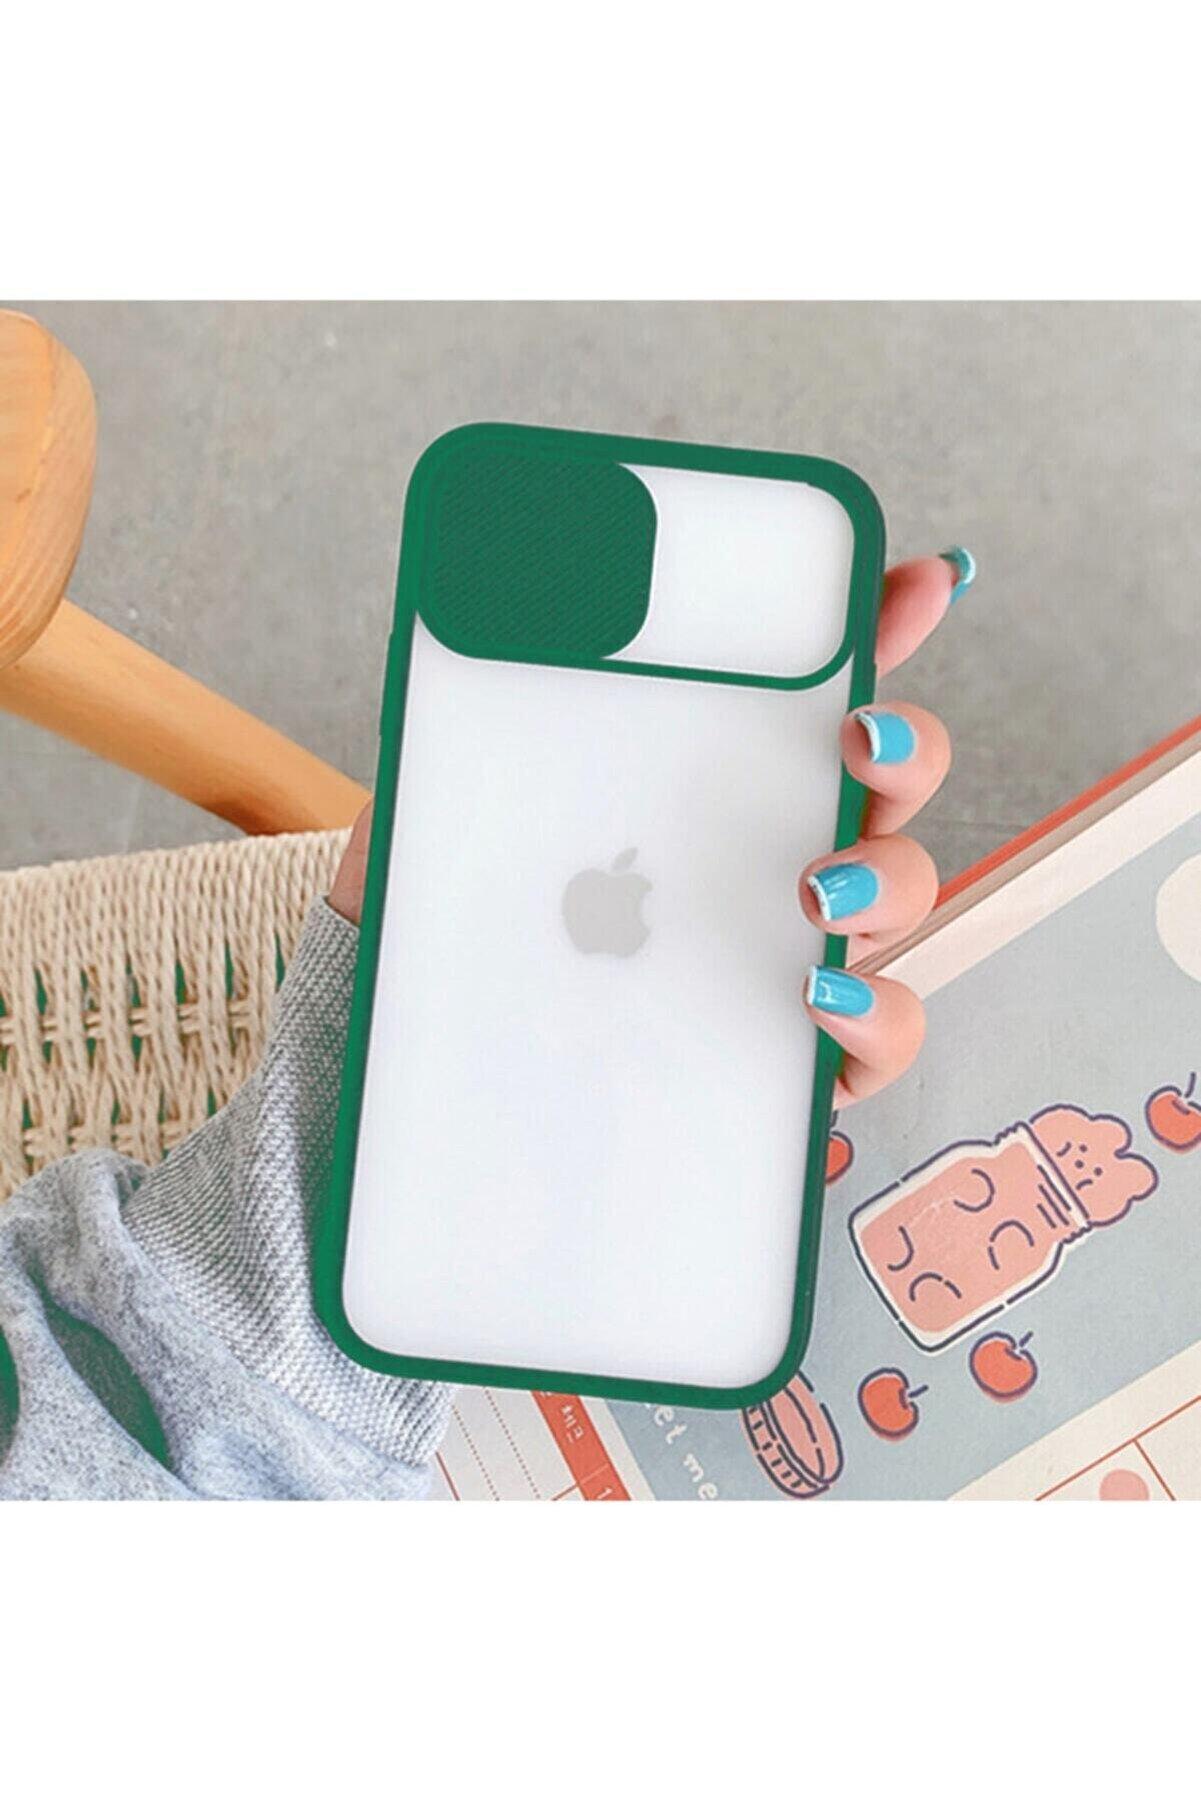 Teknoçeri Iphone 7- 8 Plus Uyumlu Koyu Yeşil Kamera Kapatan Koruyucu Sürgülü Kılıf